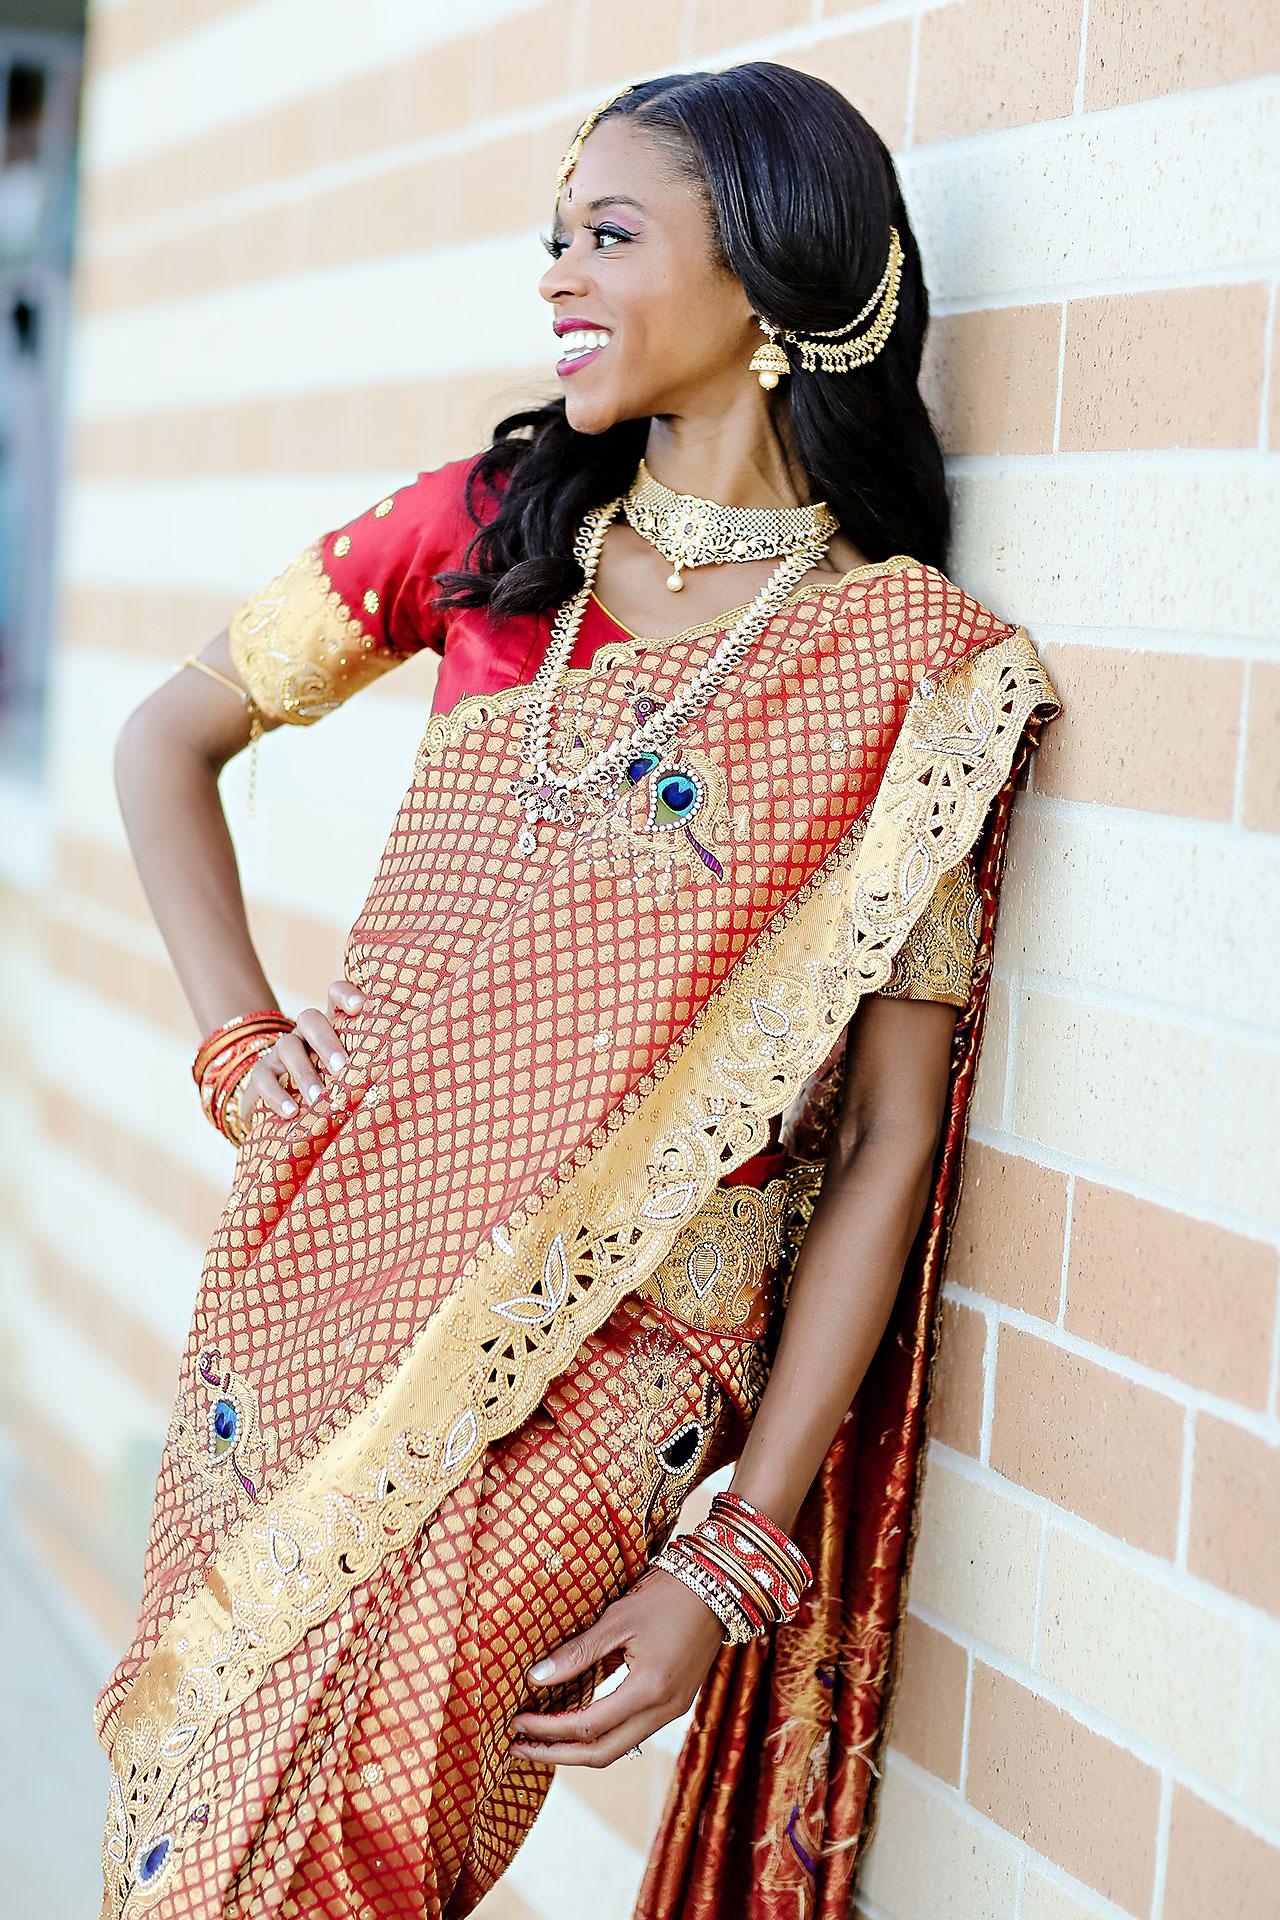 Joie Nikhil JW Marriott Indian Wedding 126